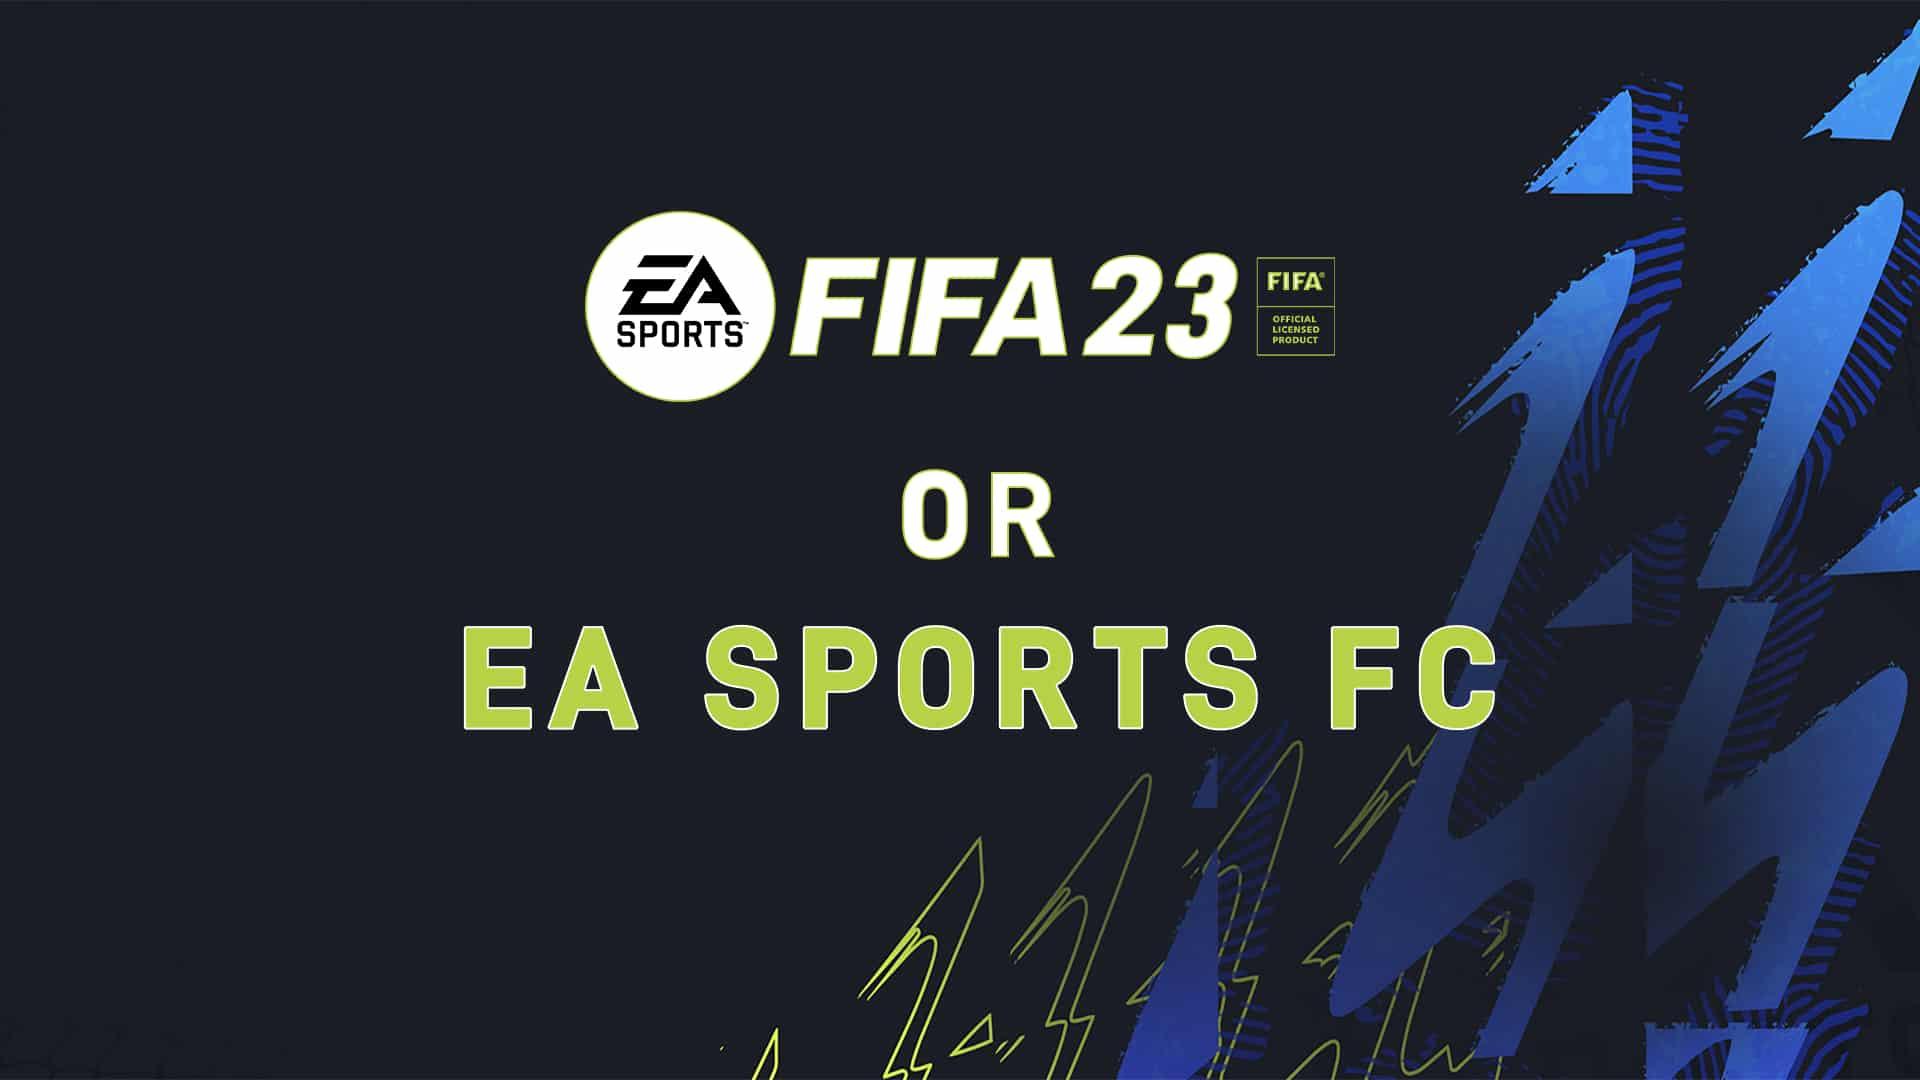 FIFA13102021 3